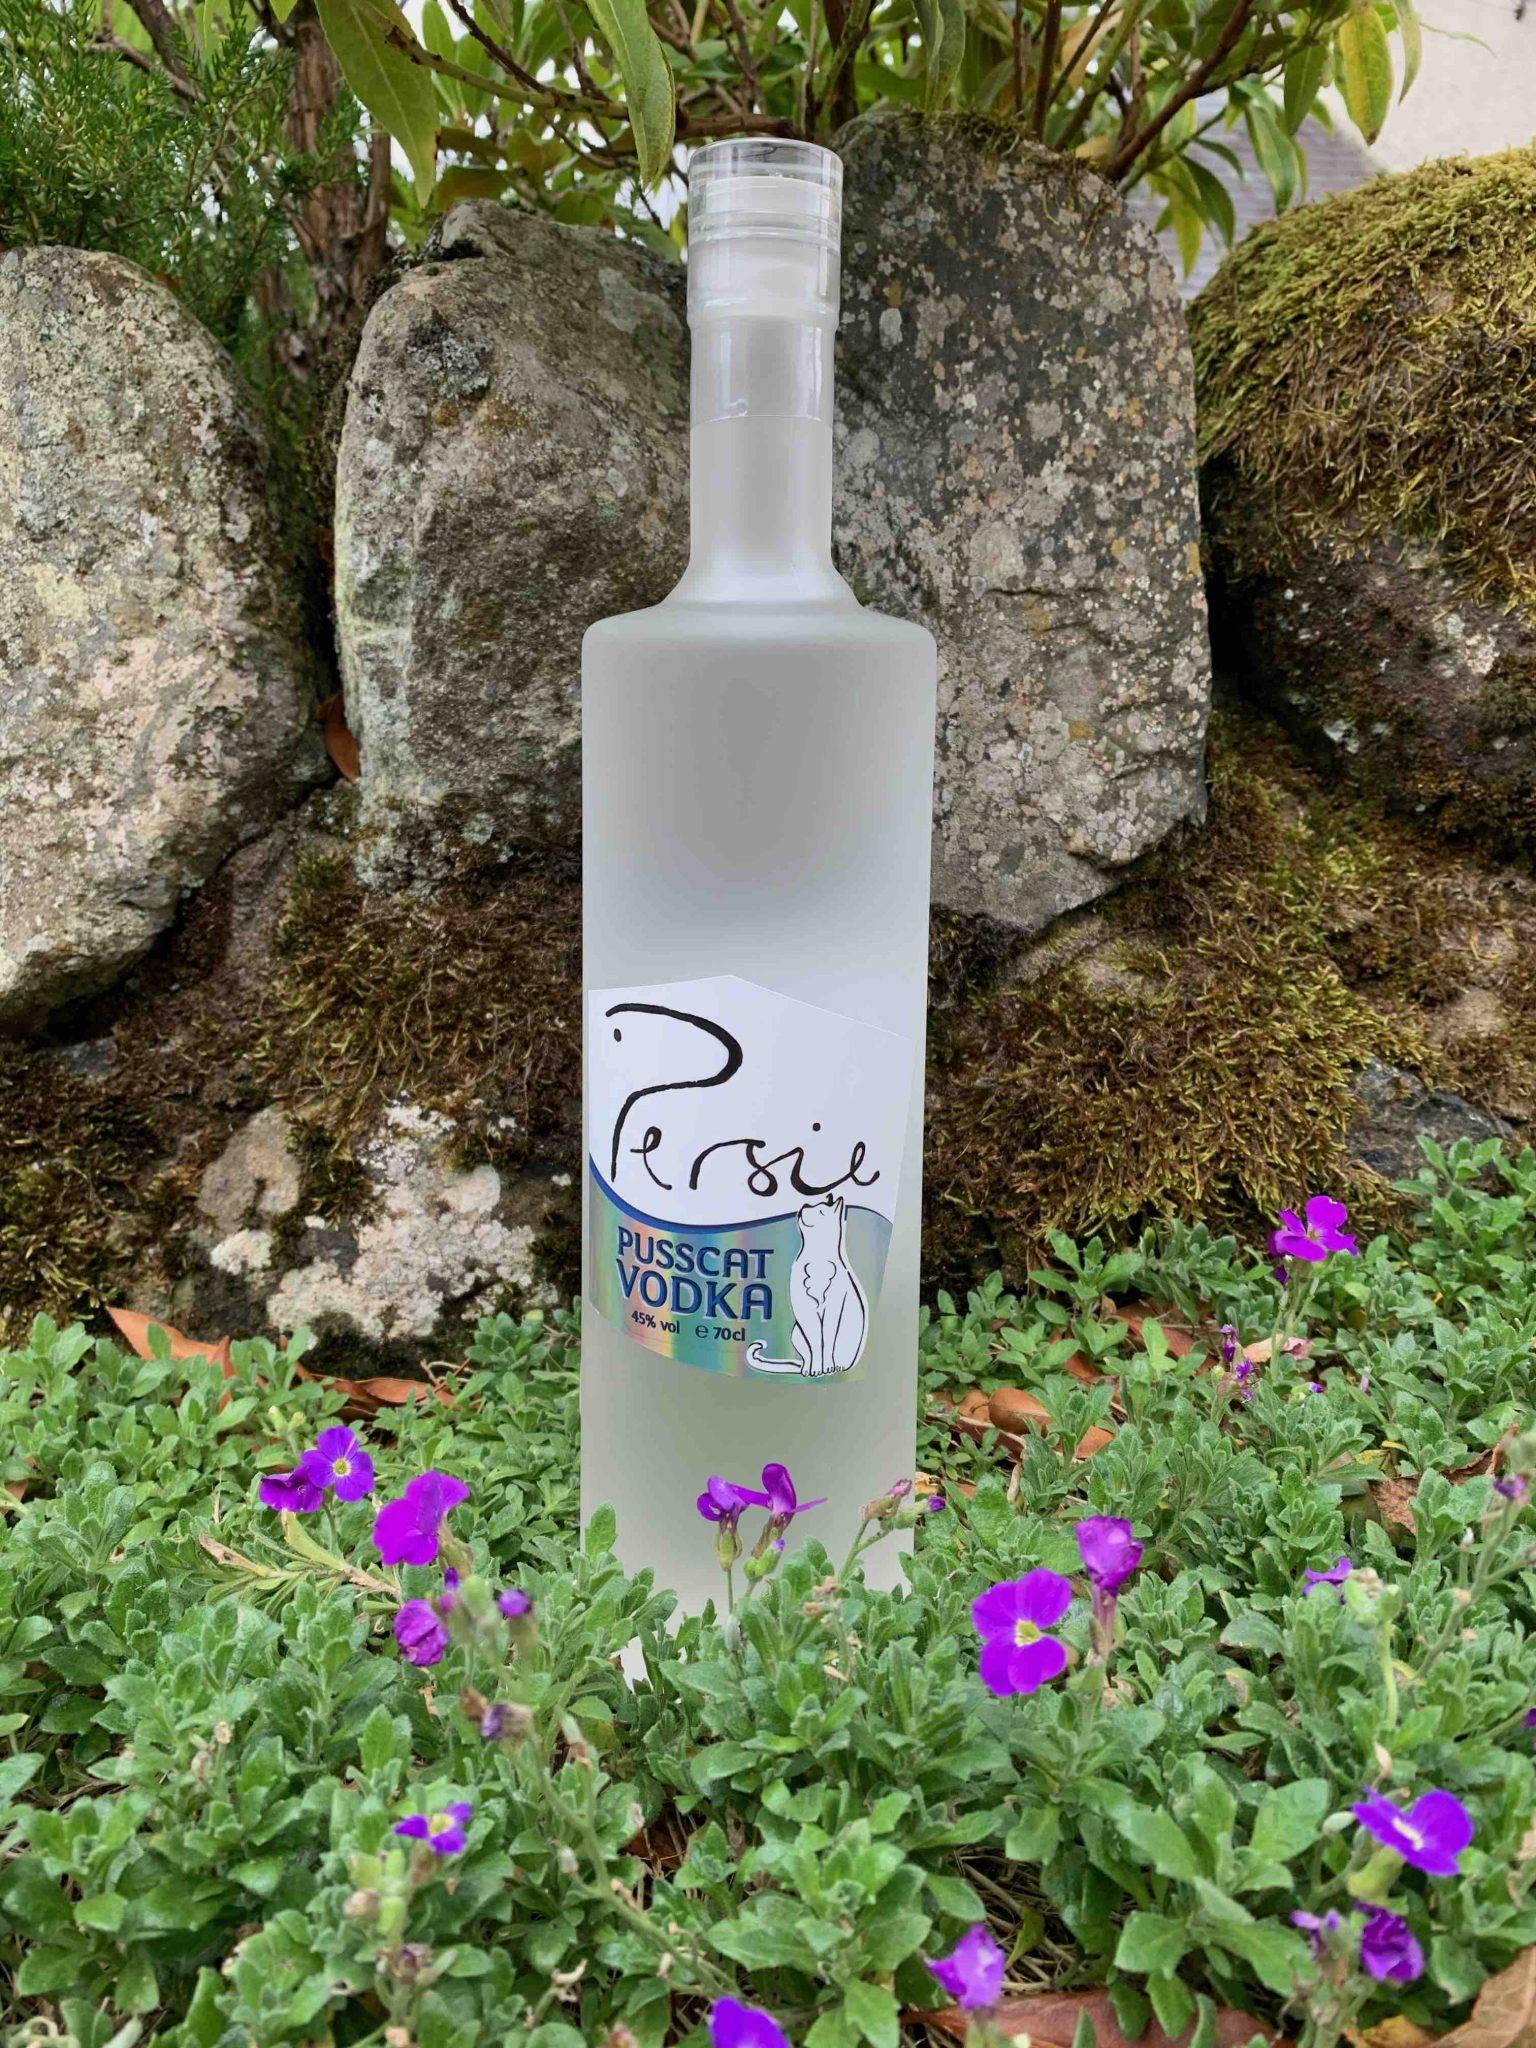 Persie Pusscat Vodka Other Spirits